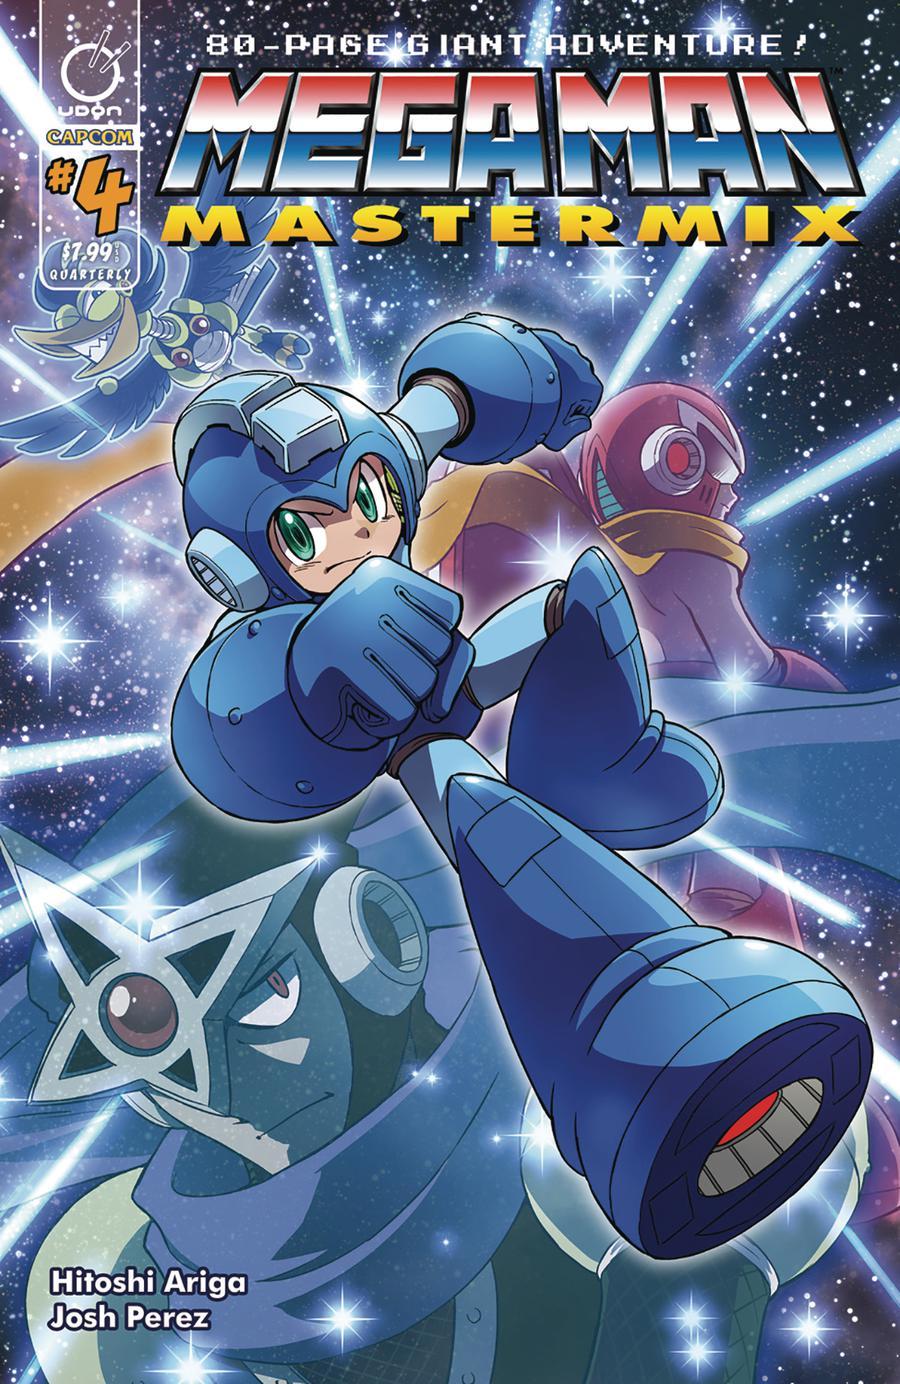 Mega Man Mastermix #4 Cover A Regular Hitoshi Ariga Cover